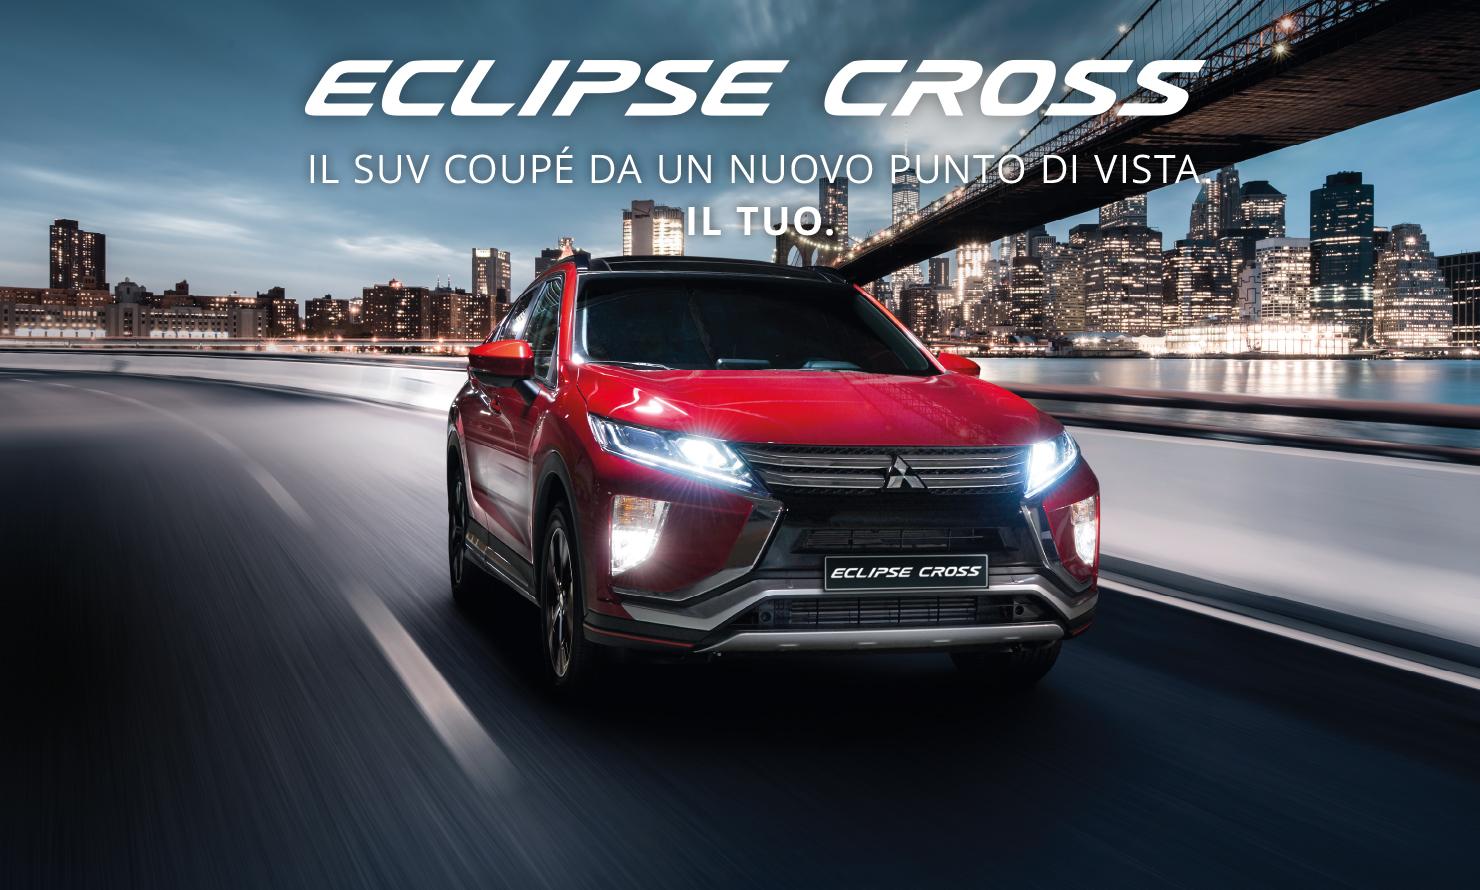 https://www.kubelibre.com/uploads/Slider-work-tutti-clienti/mitsubishi-eclipse-cross-il-suv-coupè-da-un-nuovo-punto-di-vista-il-tuo-1.jpg